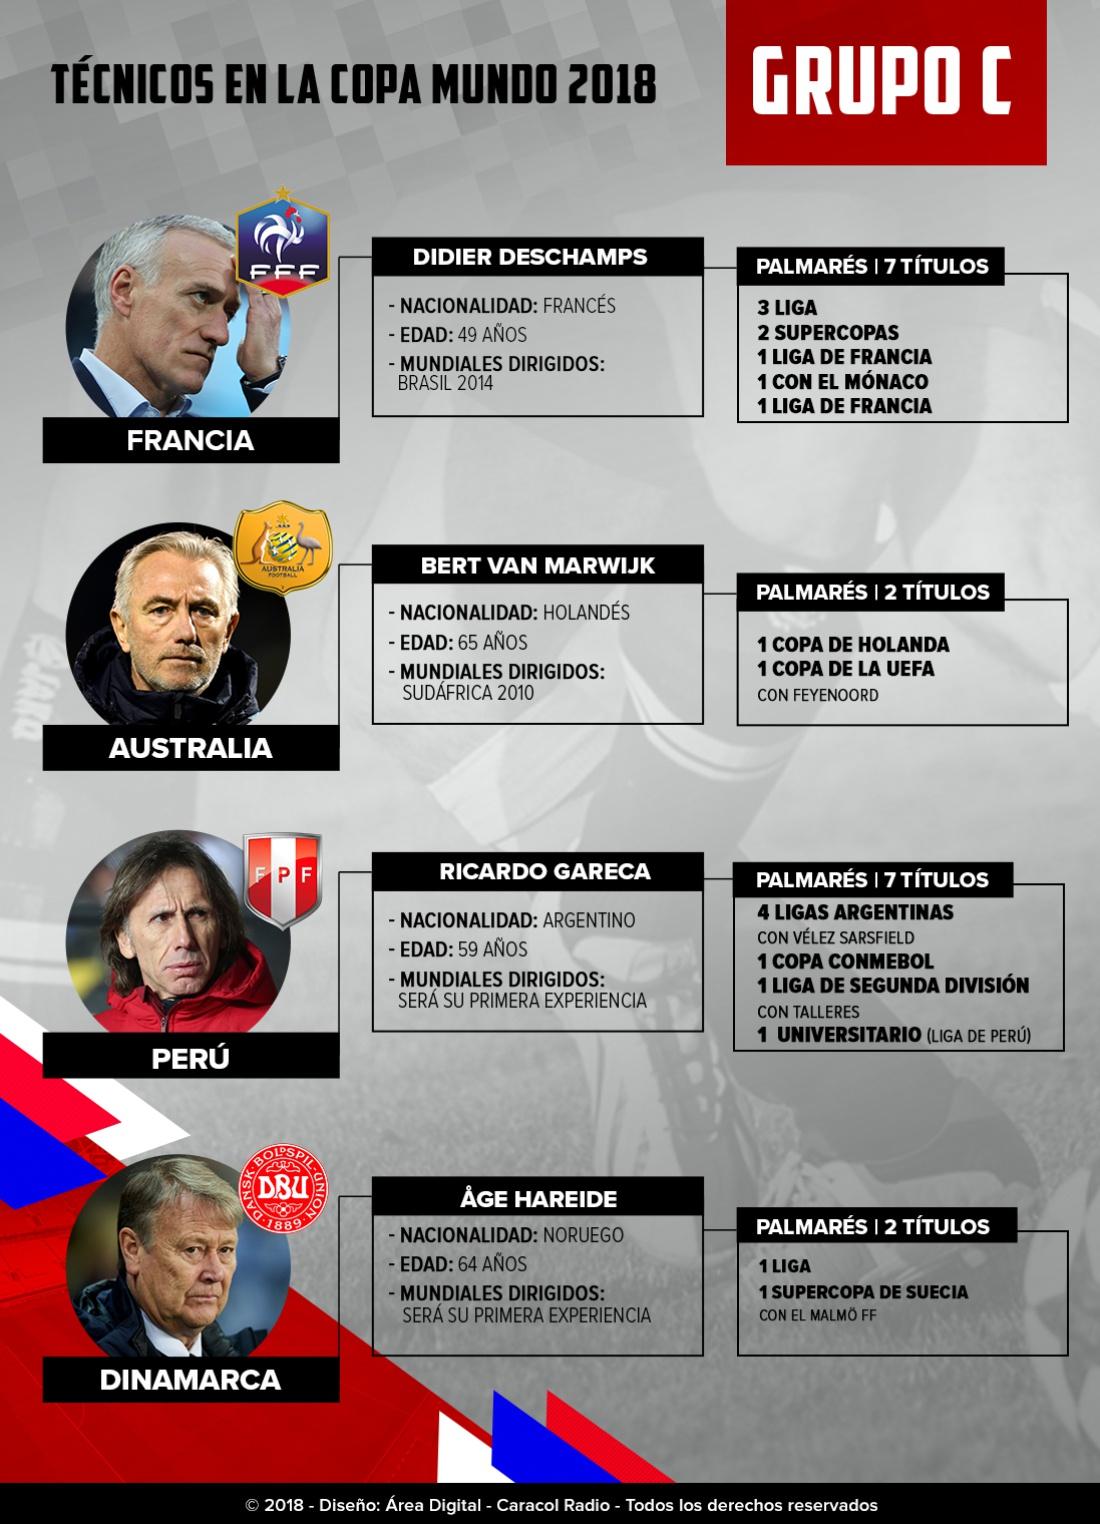 Mundial 2018: Los técnicos: Gareca y Deschamps, los destacados en el Grupo C